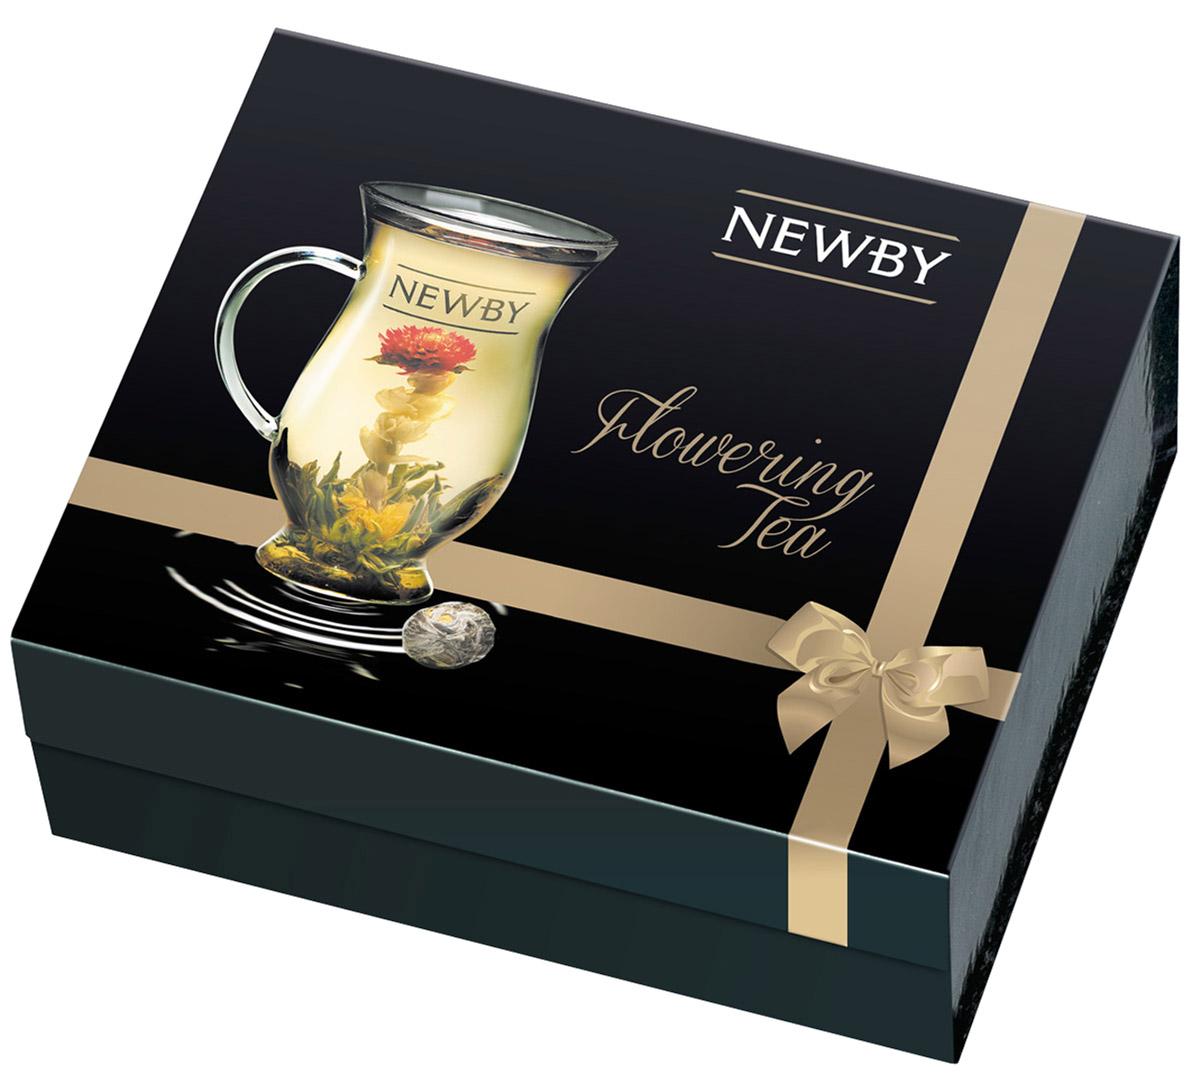 Newby Gift Set Подарочный набор чая (5 вкусов) + чашка93099Коллекция эксклюзивных распускающихся китайских чаев Newby Gift Set, рассчитана на одну персону. Эти маленькие шарики сворачиваются и скрепляются вручную. Для их создания используется душистый китайский чай высшего качества, собранный только в период прайм-тайм.Чай Гармония: чай зеленый байховый с цветками мариголд и жасминаЧай Личи: чай зеленый байховый ароматизированный с ароматом личи, цветы мариголд, амаранта, жасминаЧай Роза: чай зеленый байховый ароматизированный с ароматом розы, цветы амарантаЧай Страсть: чай зеленый байховый с цветками мариголд, жасмина и амарантаЧай Юнион: чай зеленый байховый с цветками мариголд и амаранта